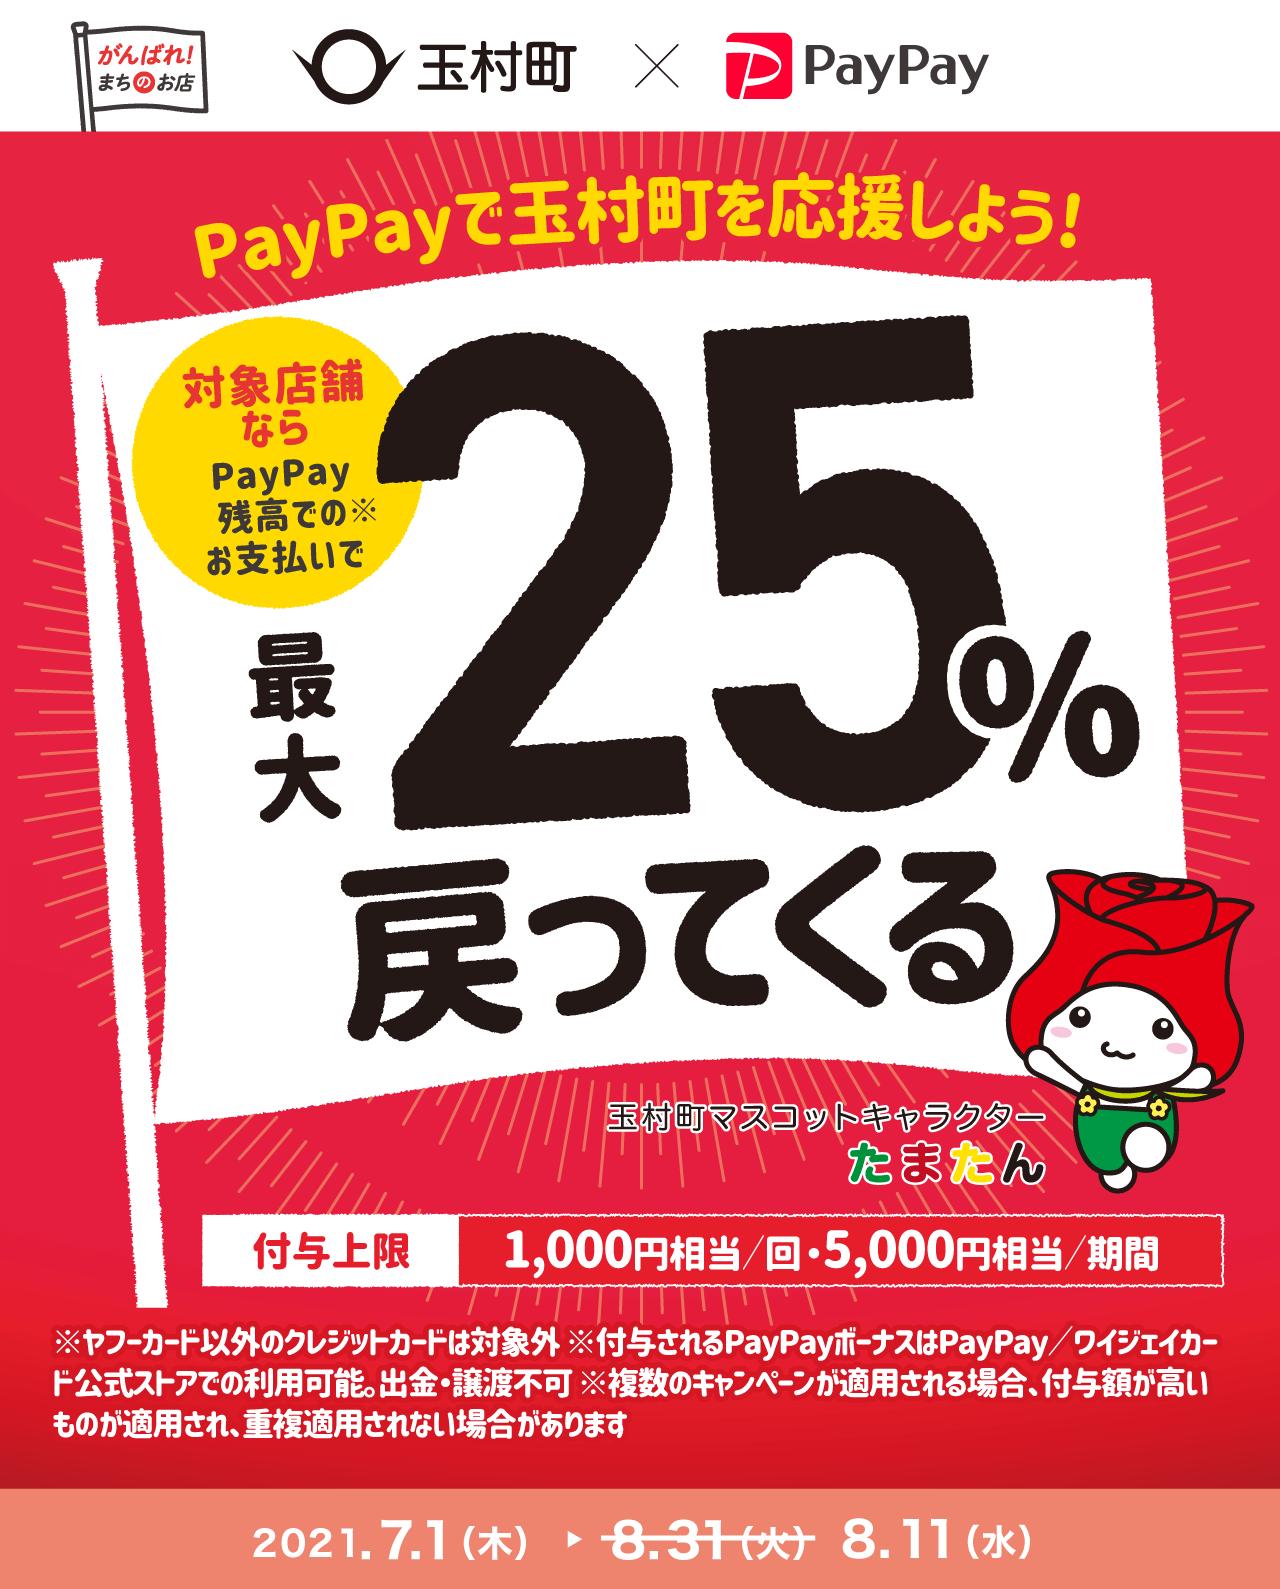 PayPayで玉村町を応援しよう! 対象店舗ならPayPay残高でのお支払いで最大25%戻ってくる